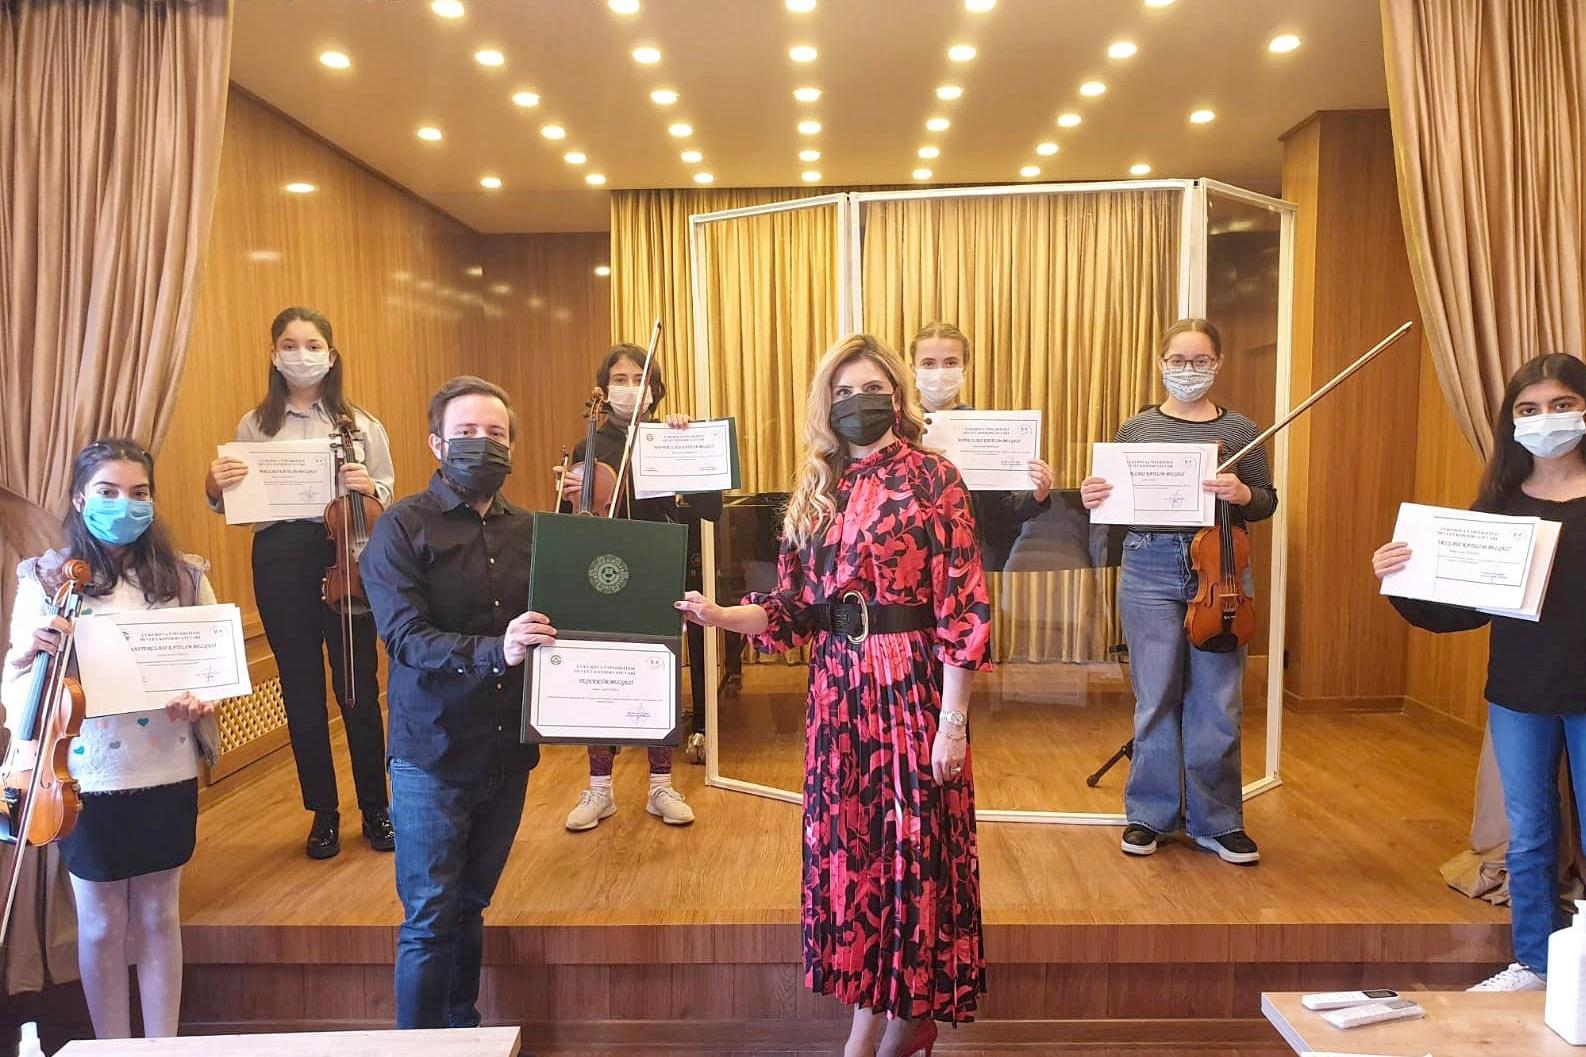 Türk ve Azeri akadeisyenler anma konserinde bir araya geldi